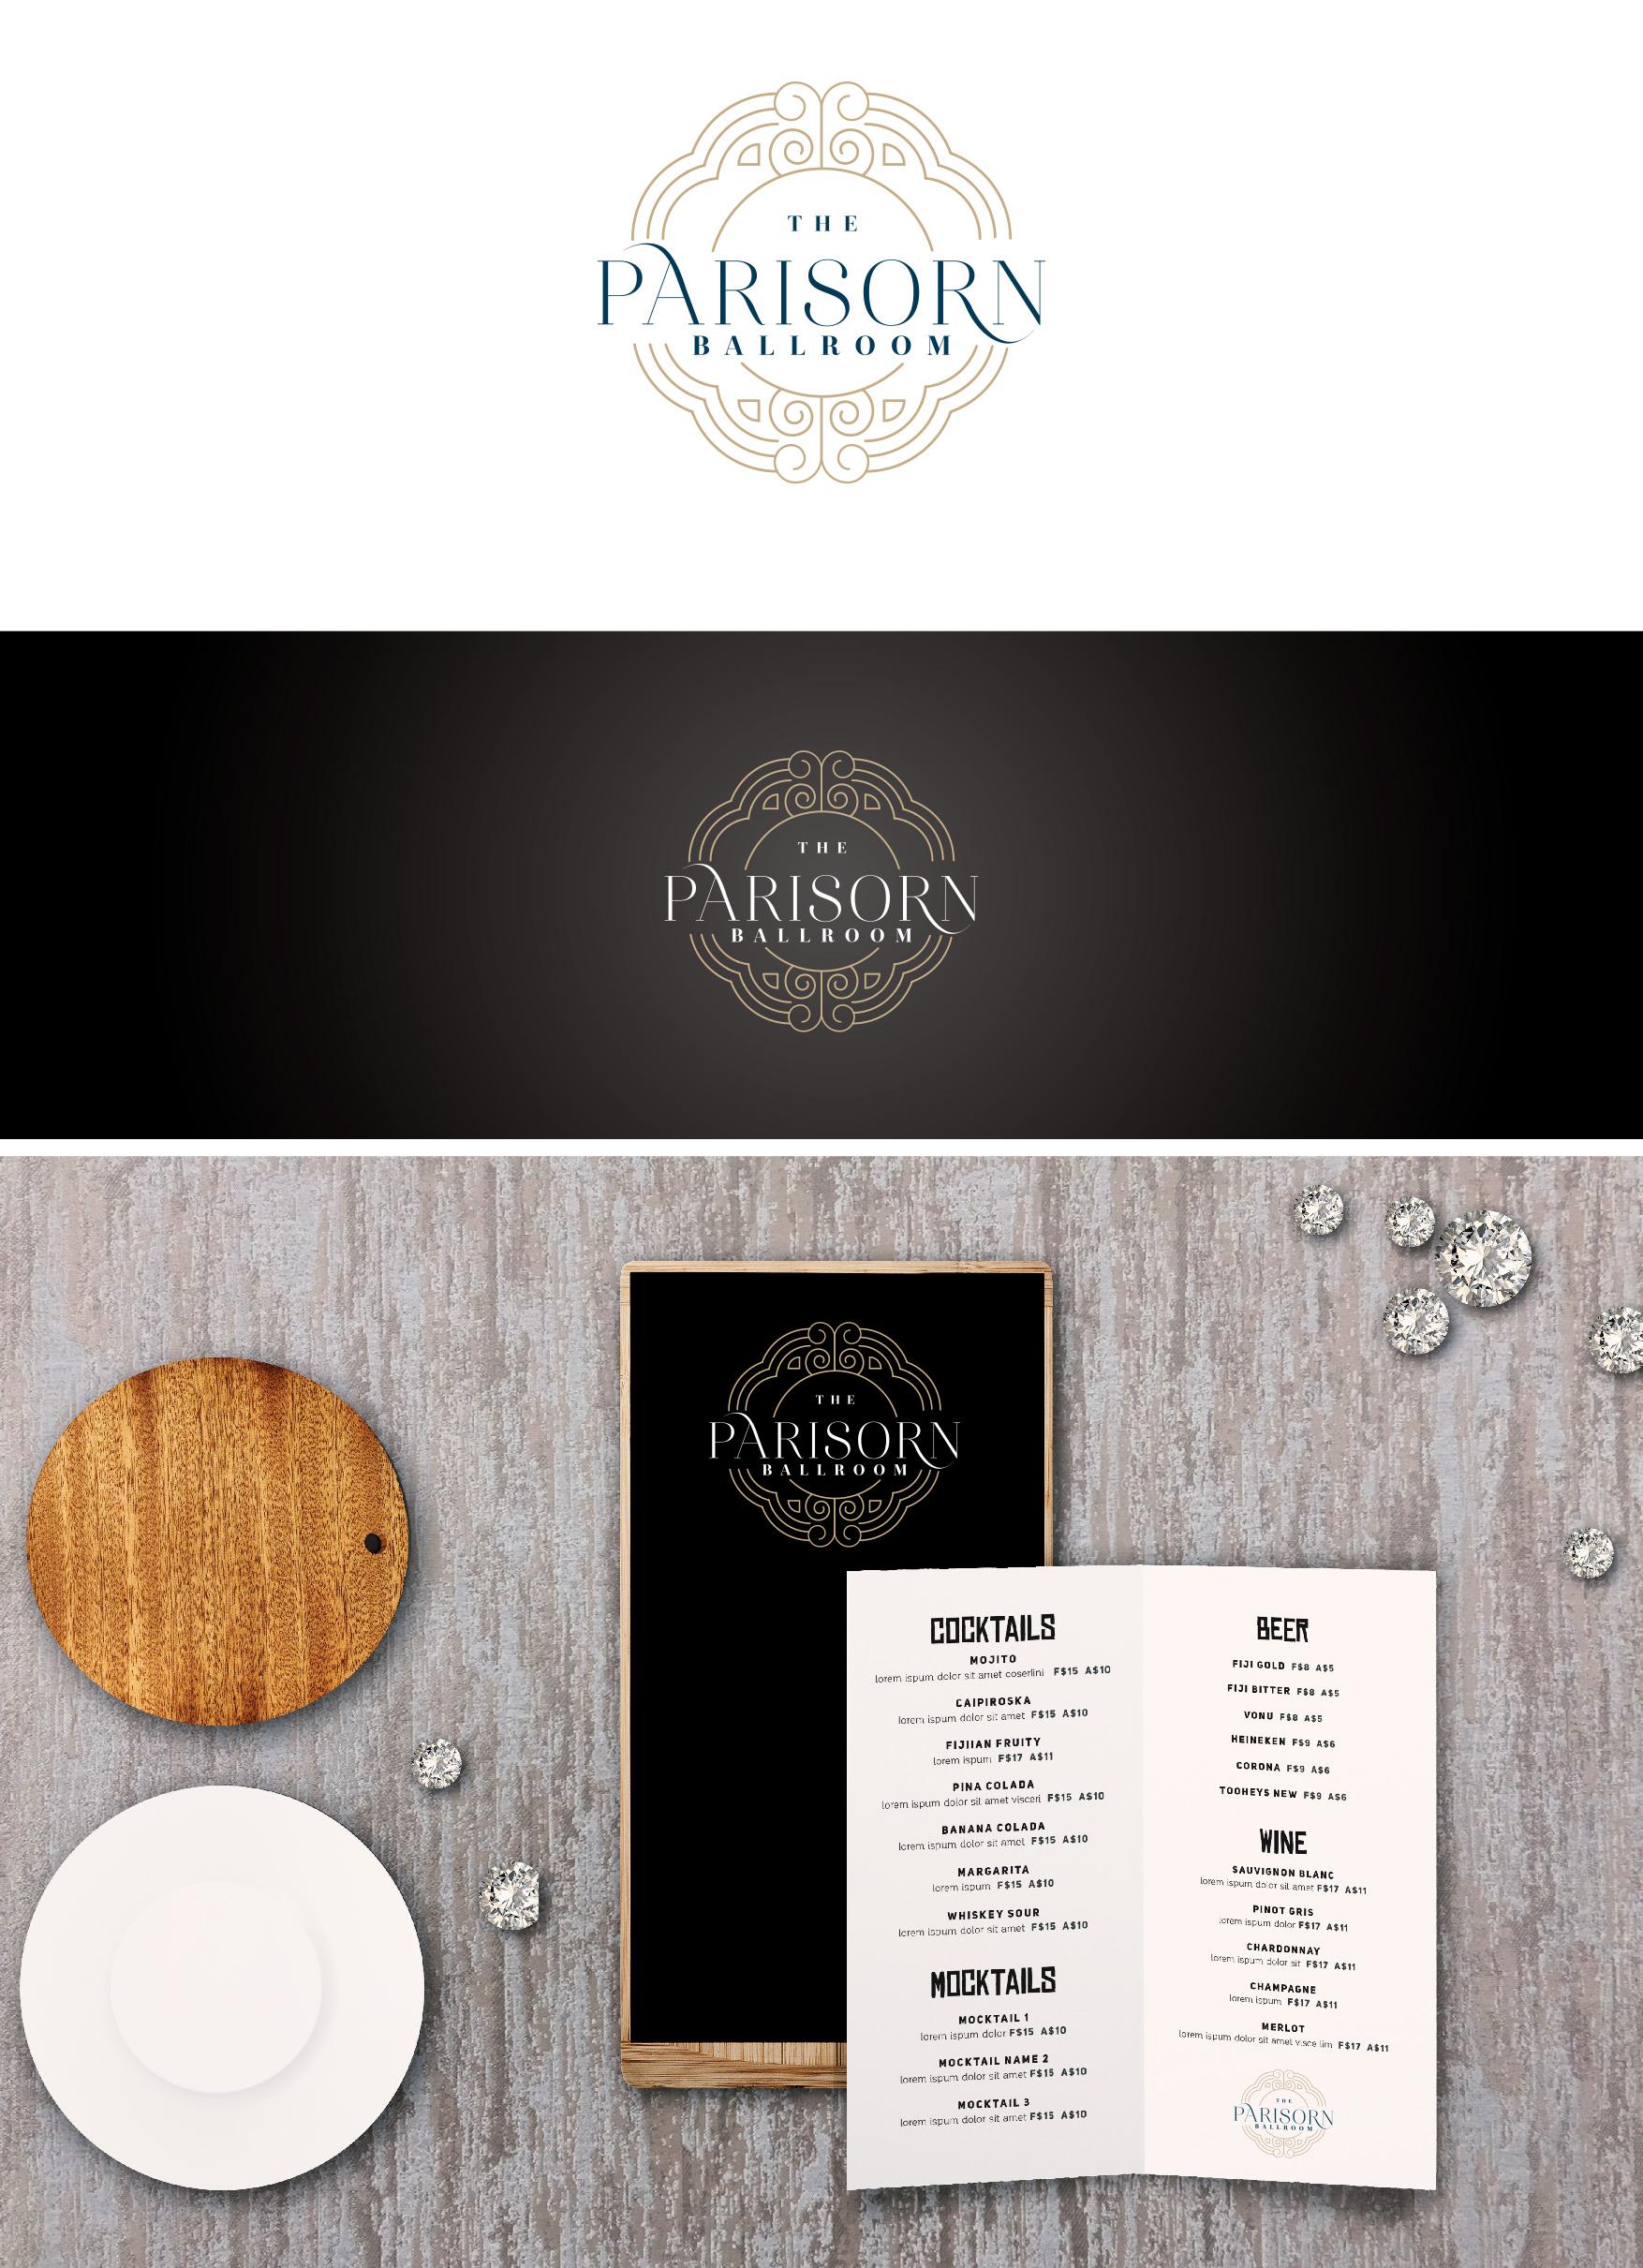 PARISORN BALLROOM